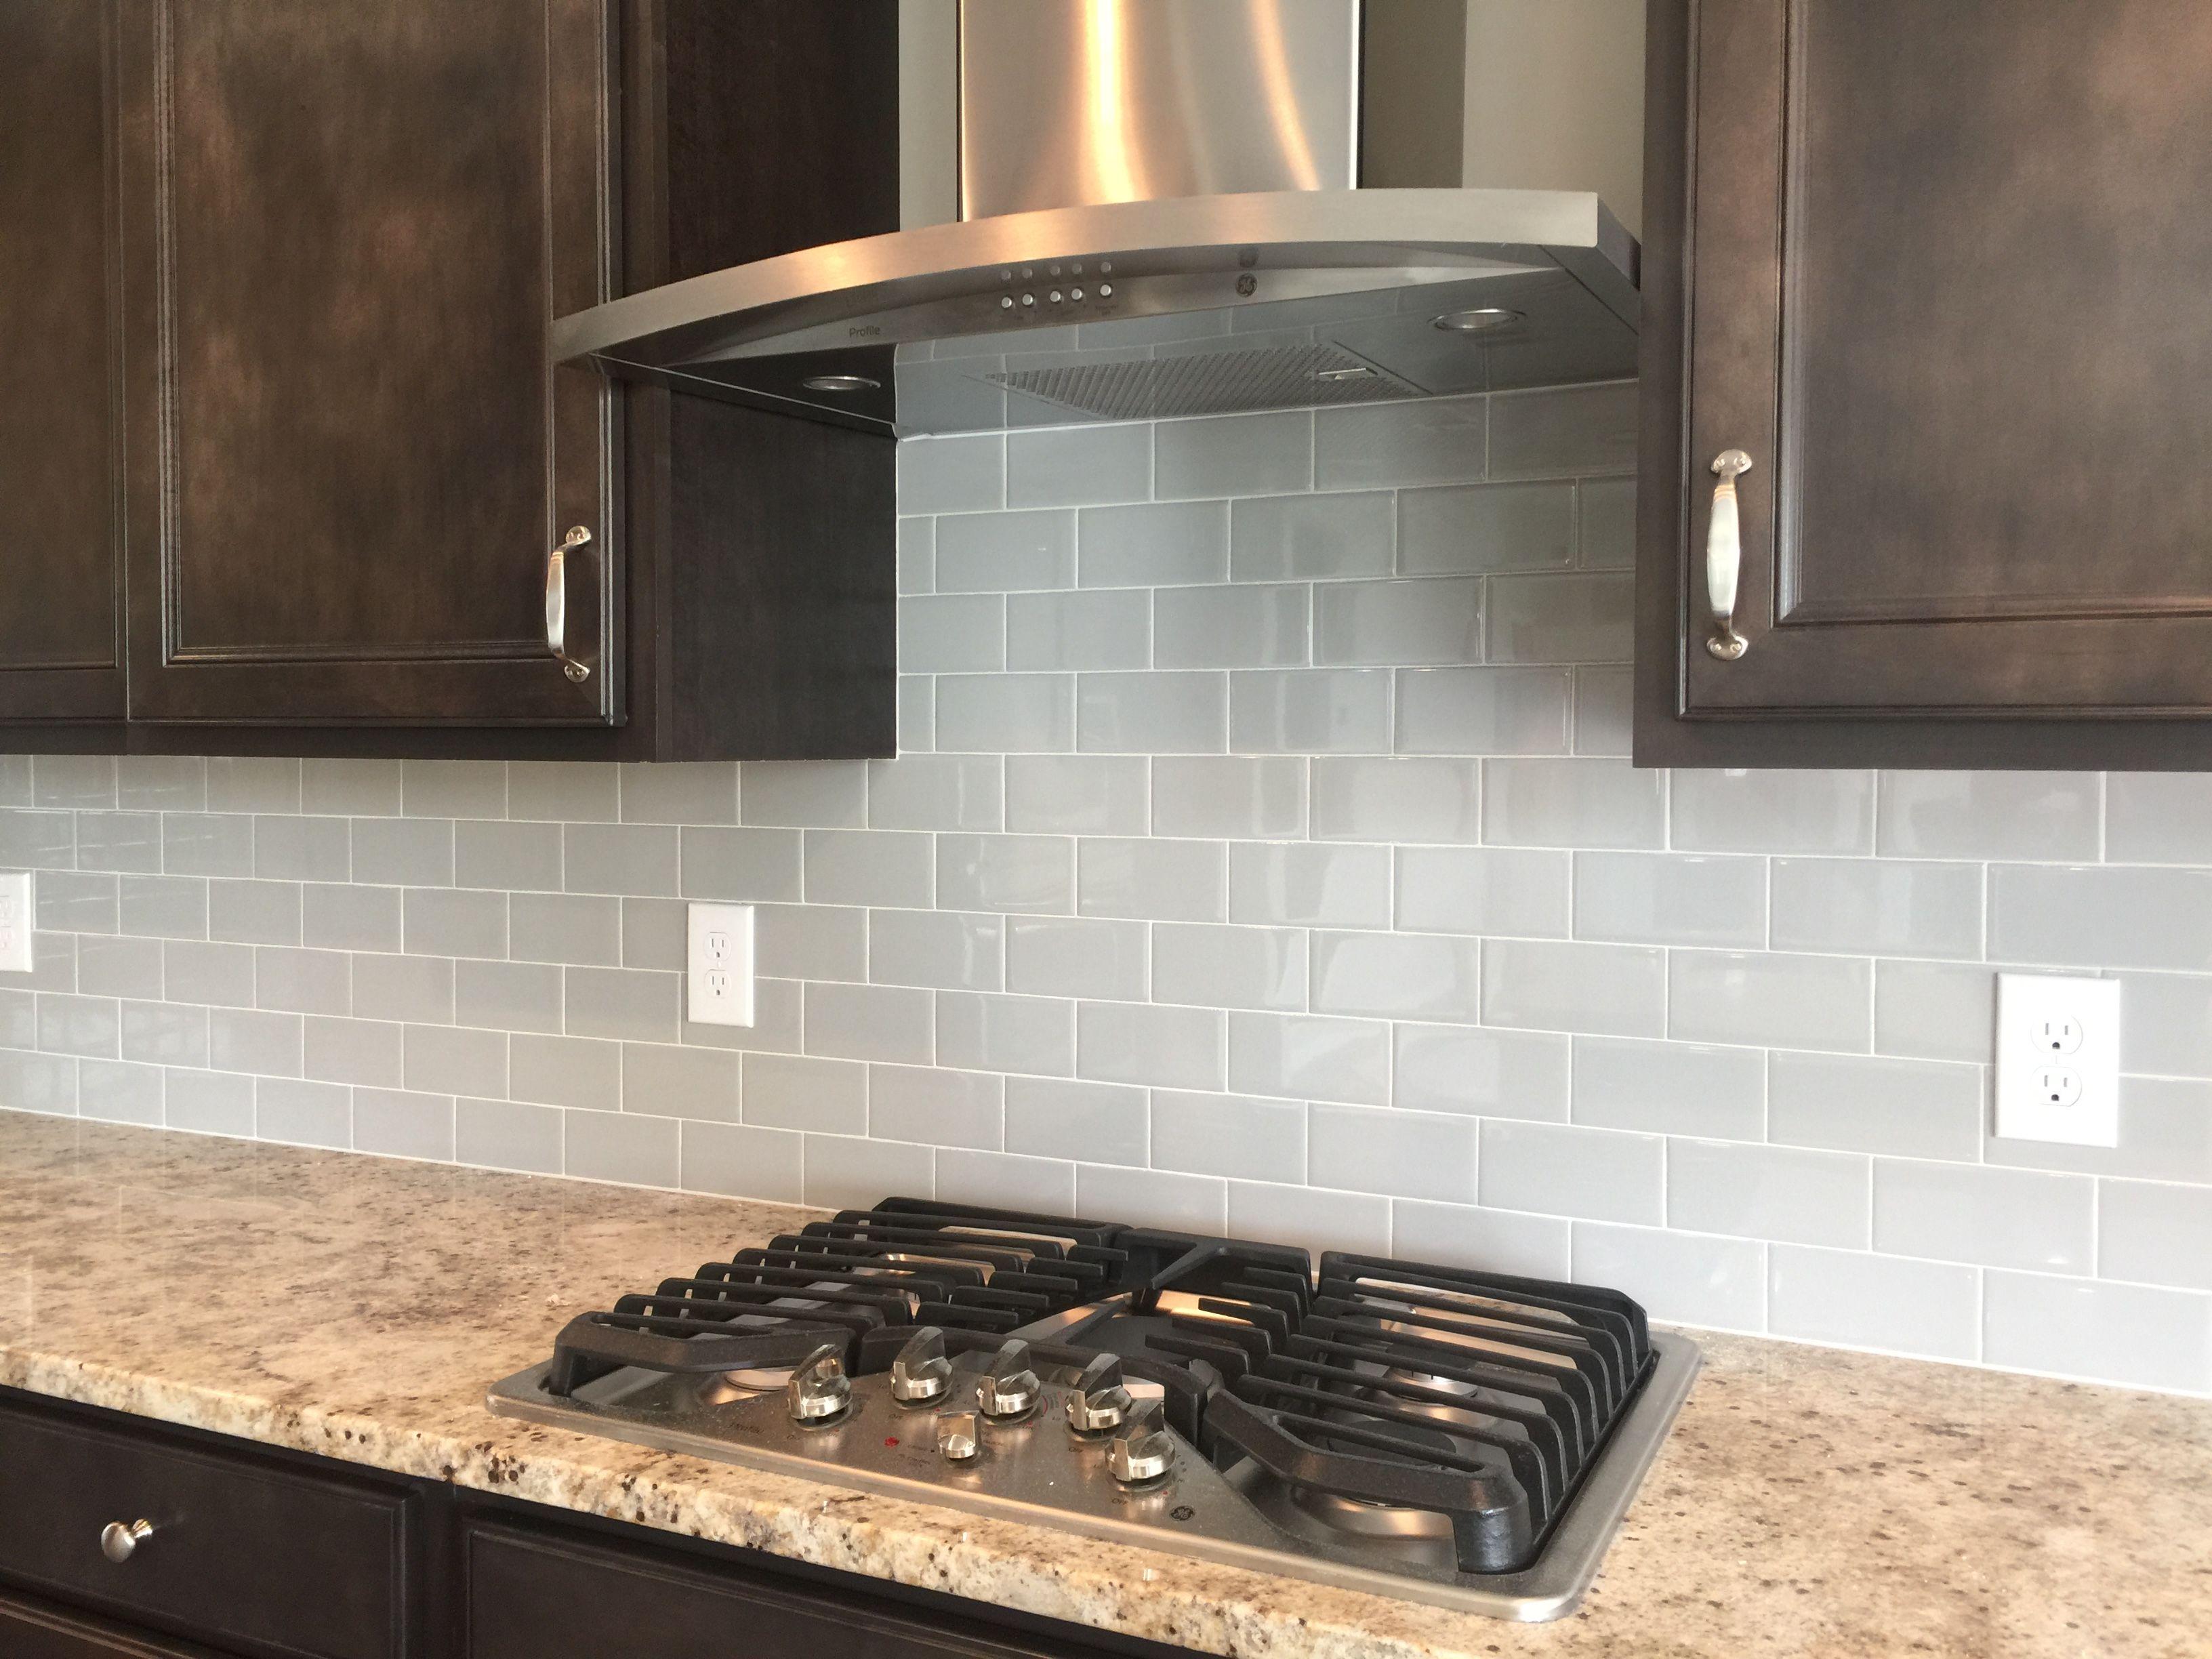 - 3x6 Subway Tile, Desert Gray Backsplash, Installed Brick Joint